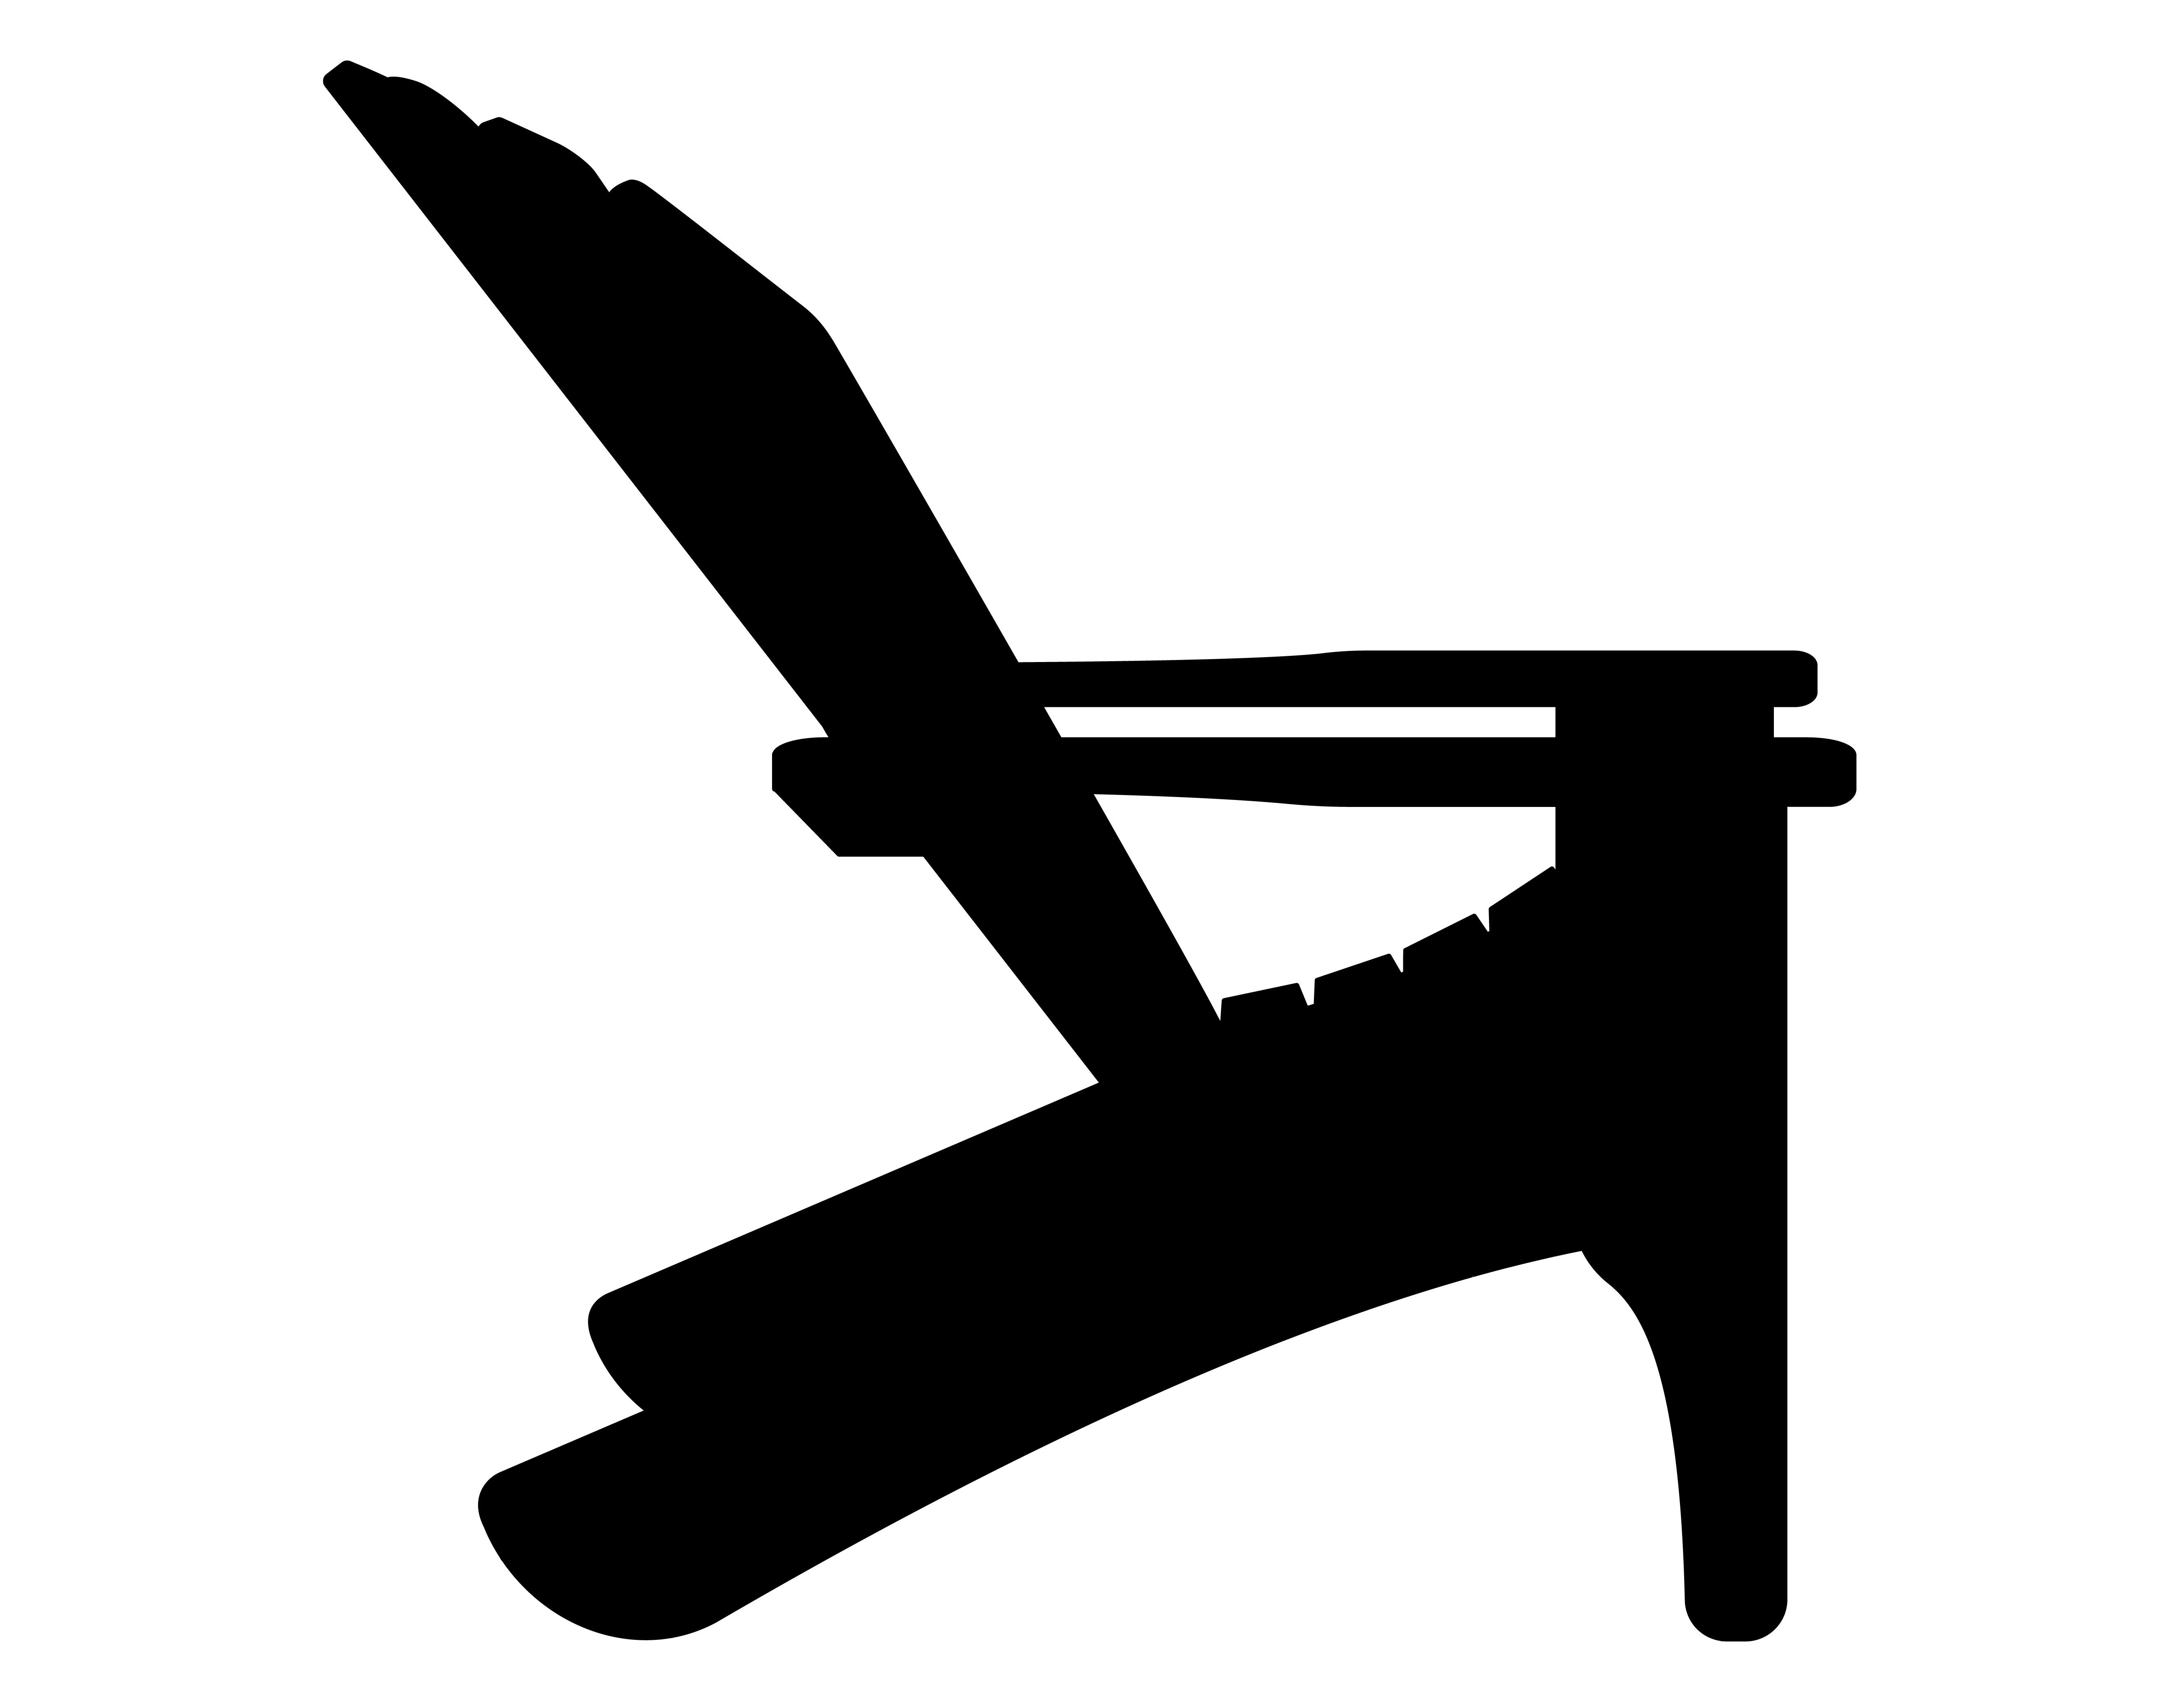 fauteuil de plage ou de jardin noir contour silhouette illustration vectorielle 492547 telecharger vectoriel gratuit clipart graphique vecteur dessins et pictogramme gratuit